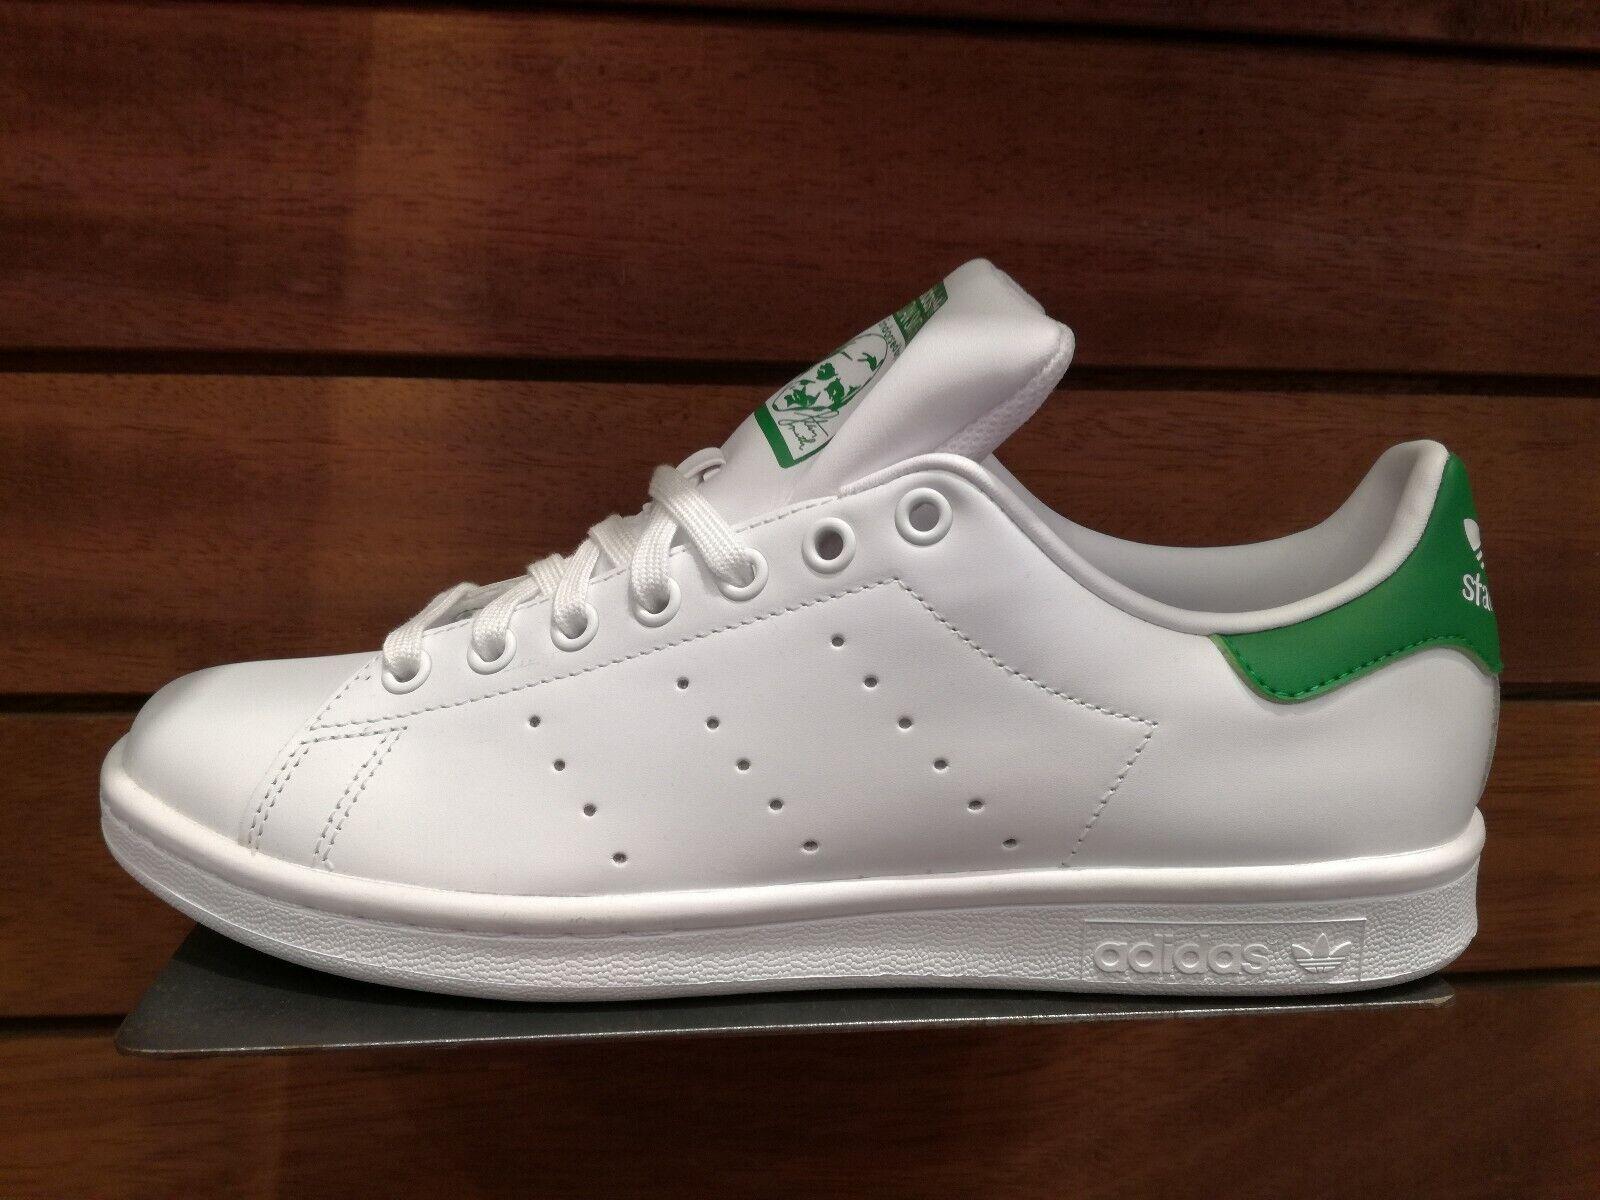 Adidas stan smith M20324 NUMERO US 11.5= 46 EUR Sautope classeiche da uomo